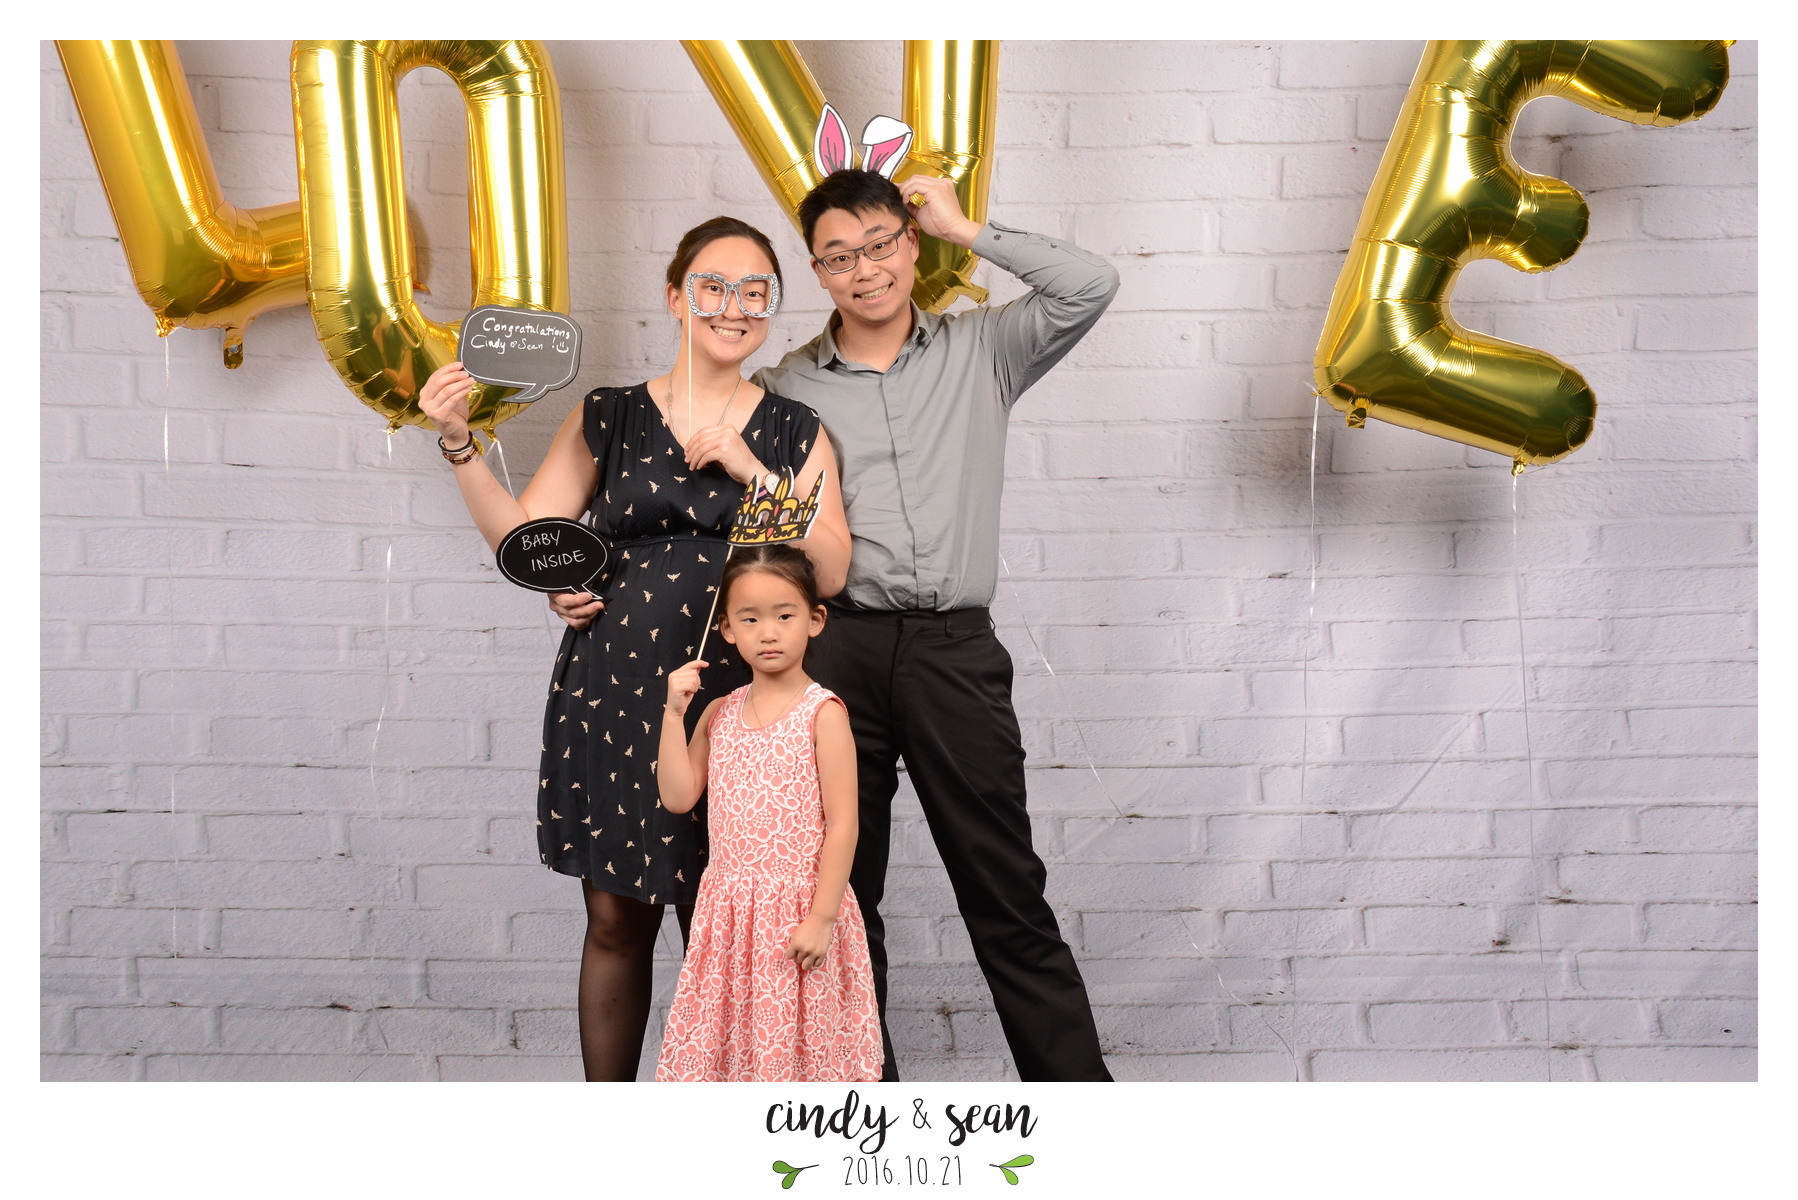 Cindy Sean Bae - 0001-84.jpg